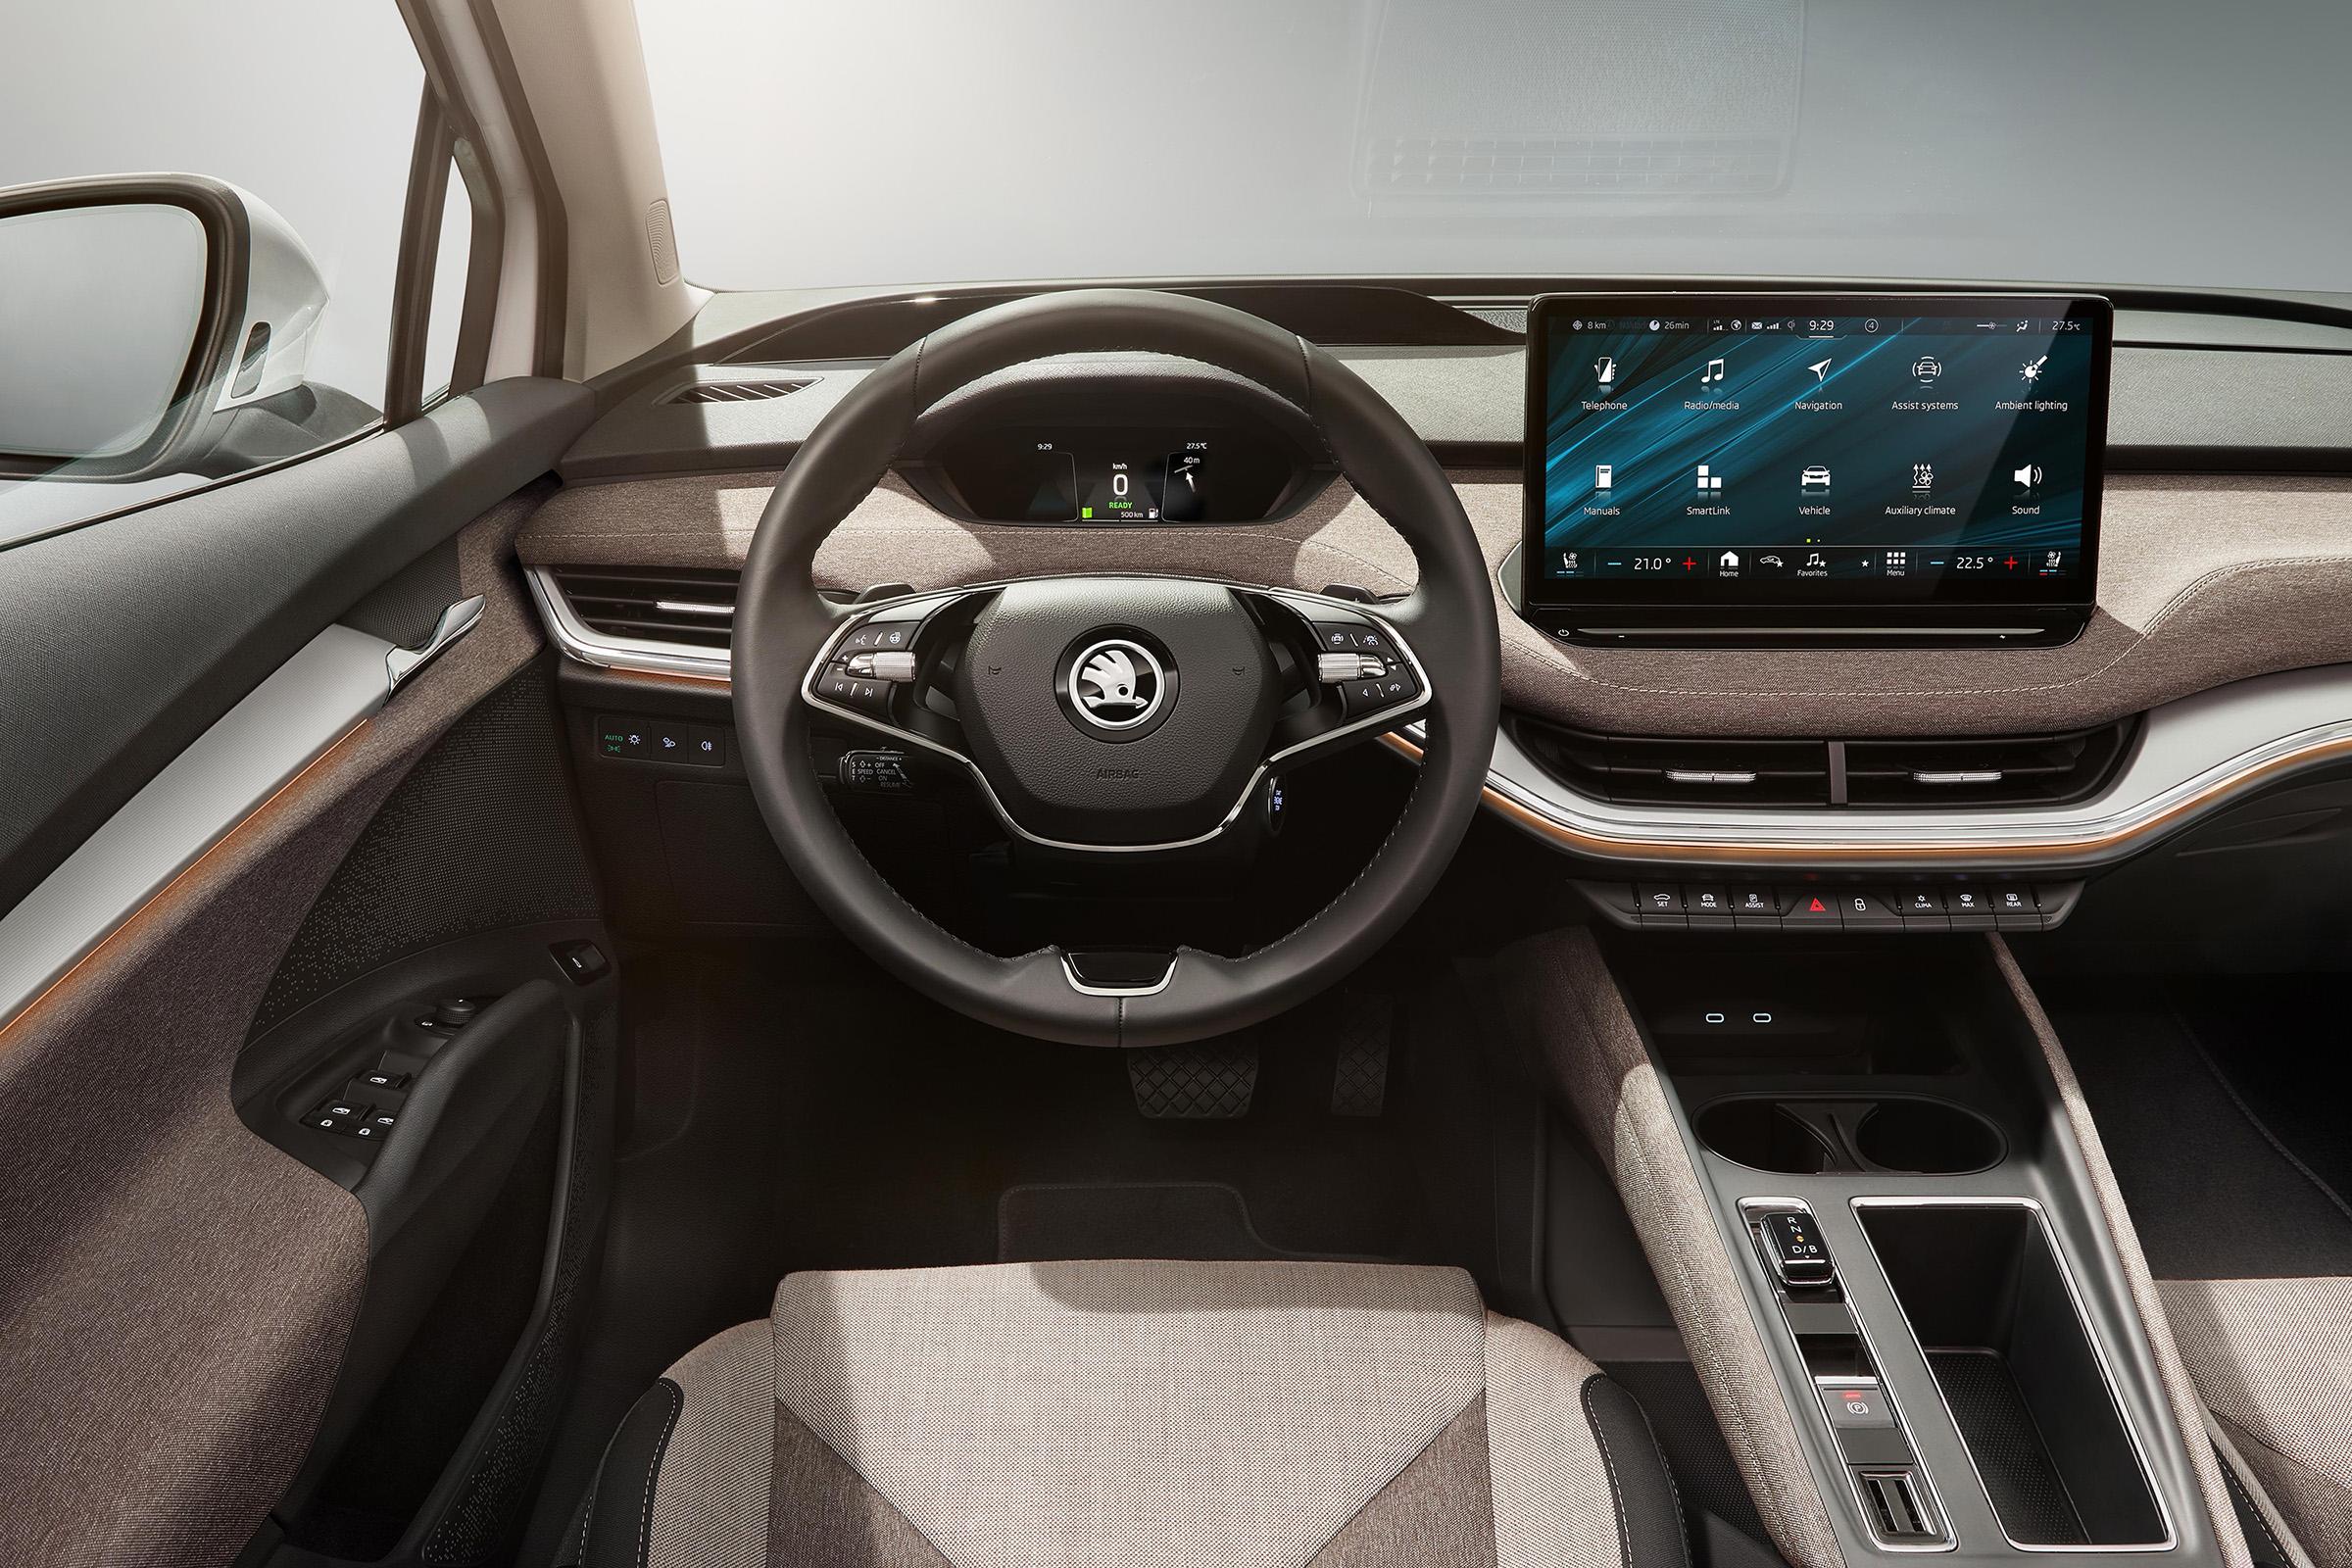 SKODA ENYAQ iV: Παγκόσμια πρεμιέρα για το ENYAQ iV το πρώτο ηλεκτρικό SUV της SKODA